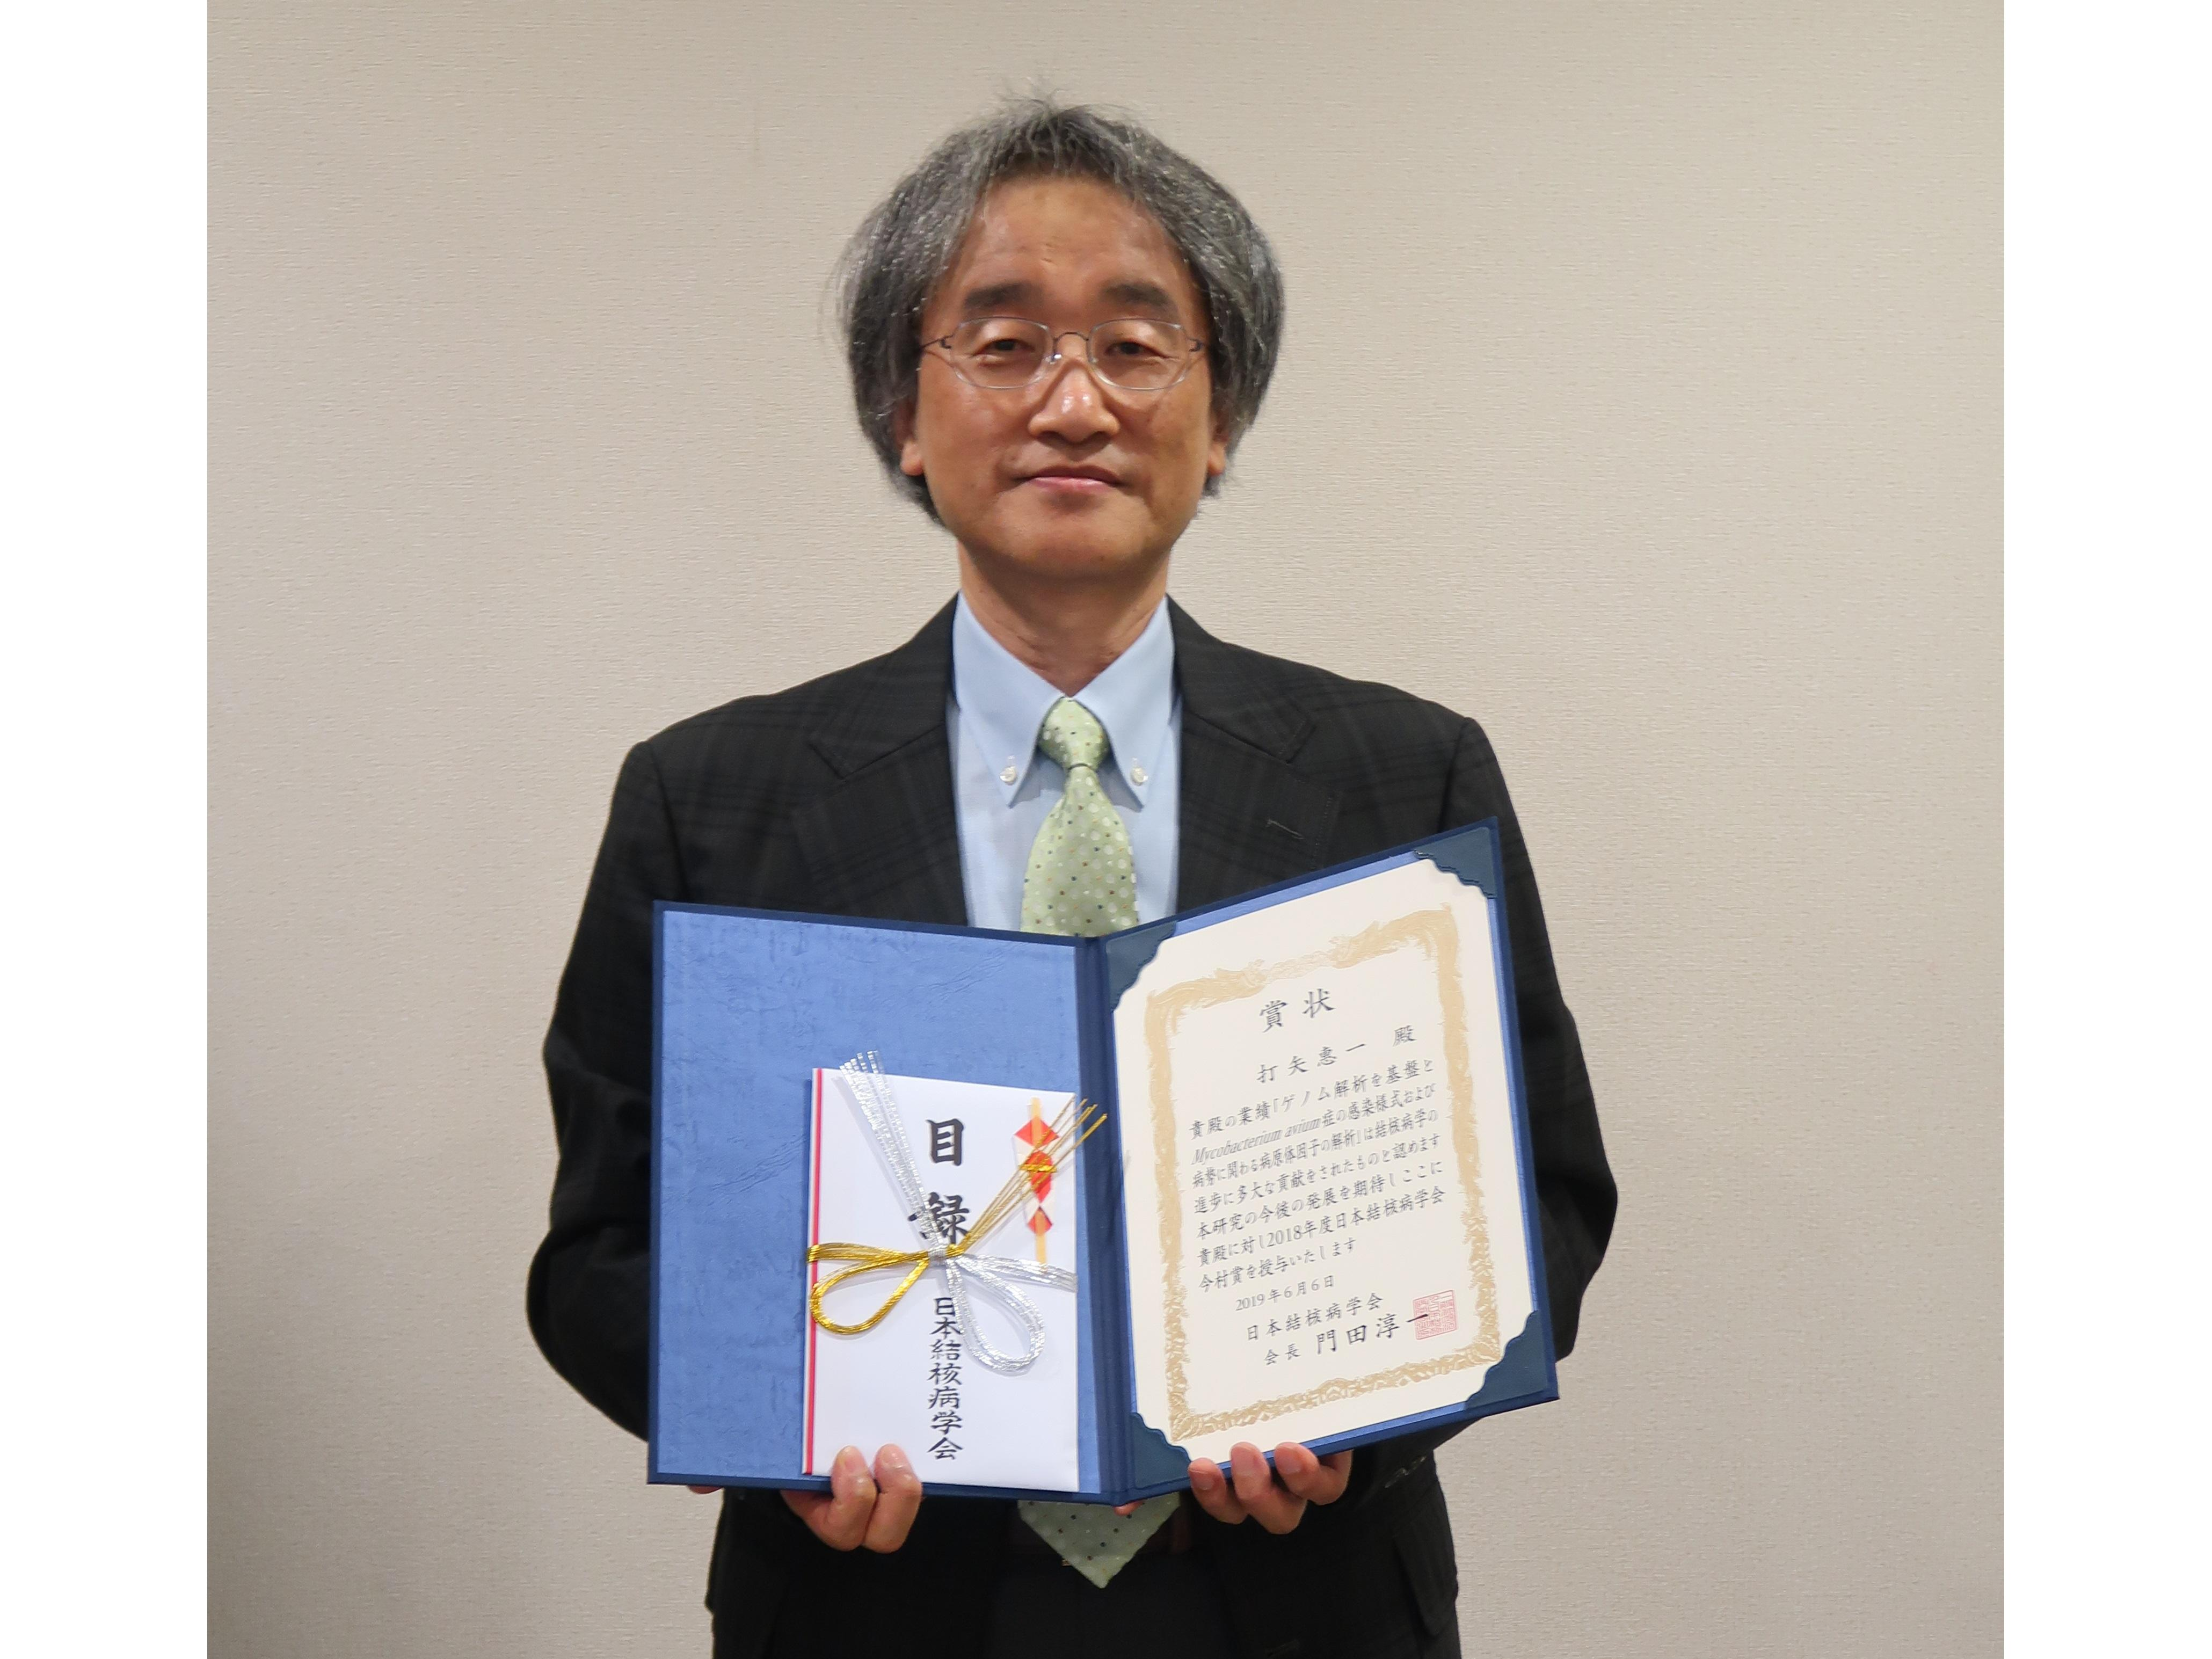 今村賞の賞状を手にする打矢惠一准教授